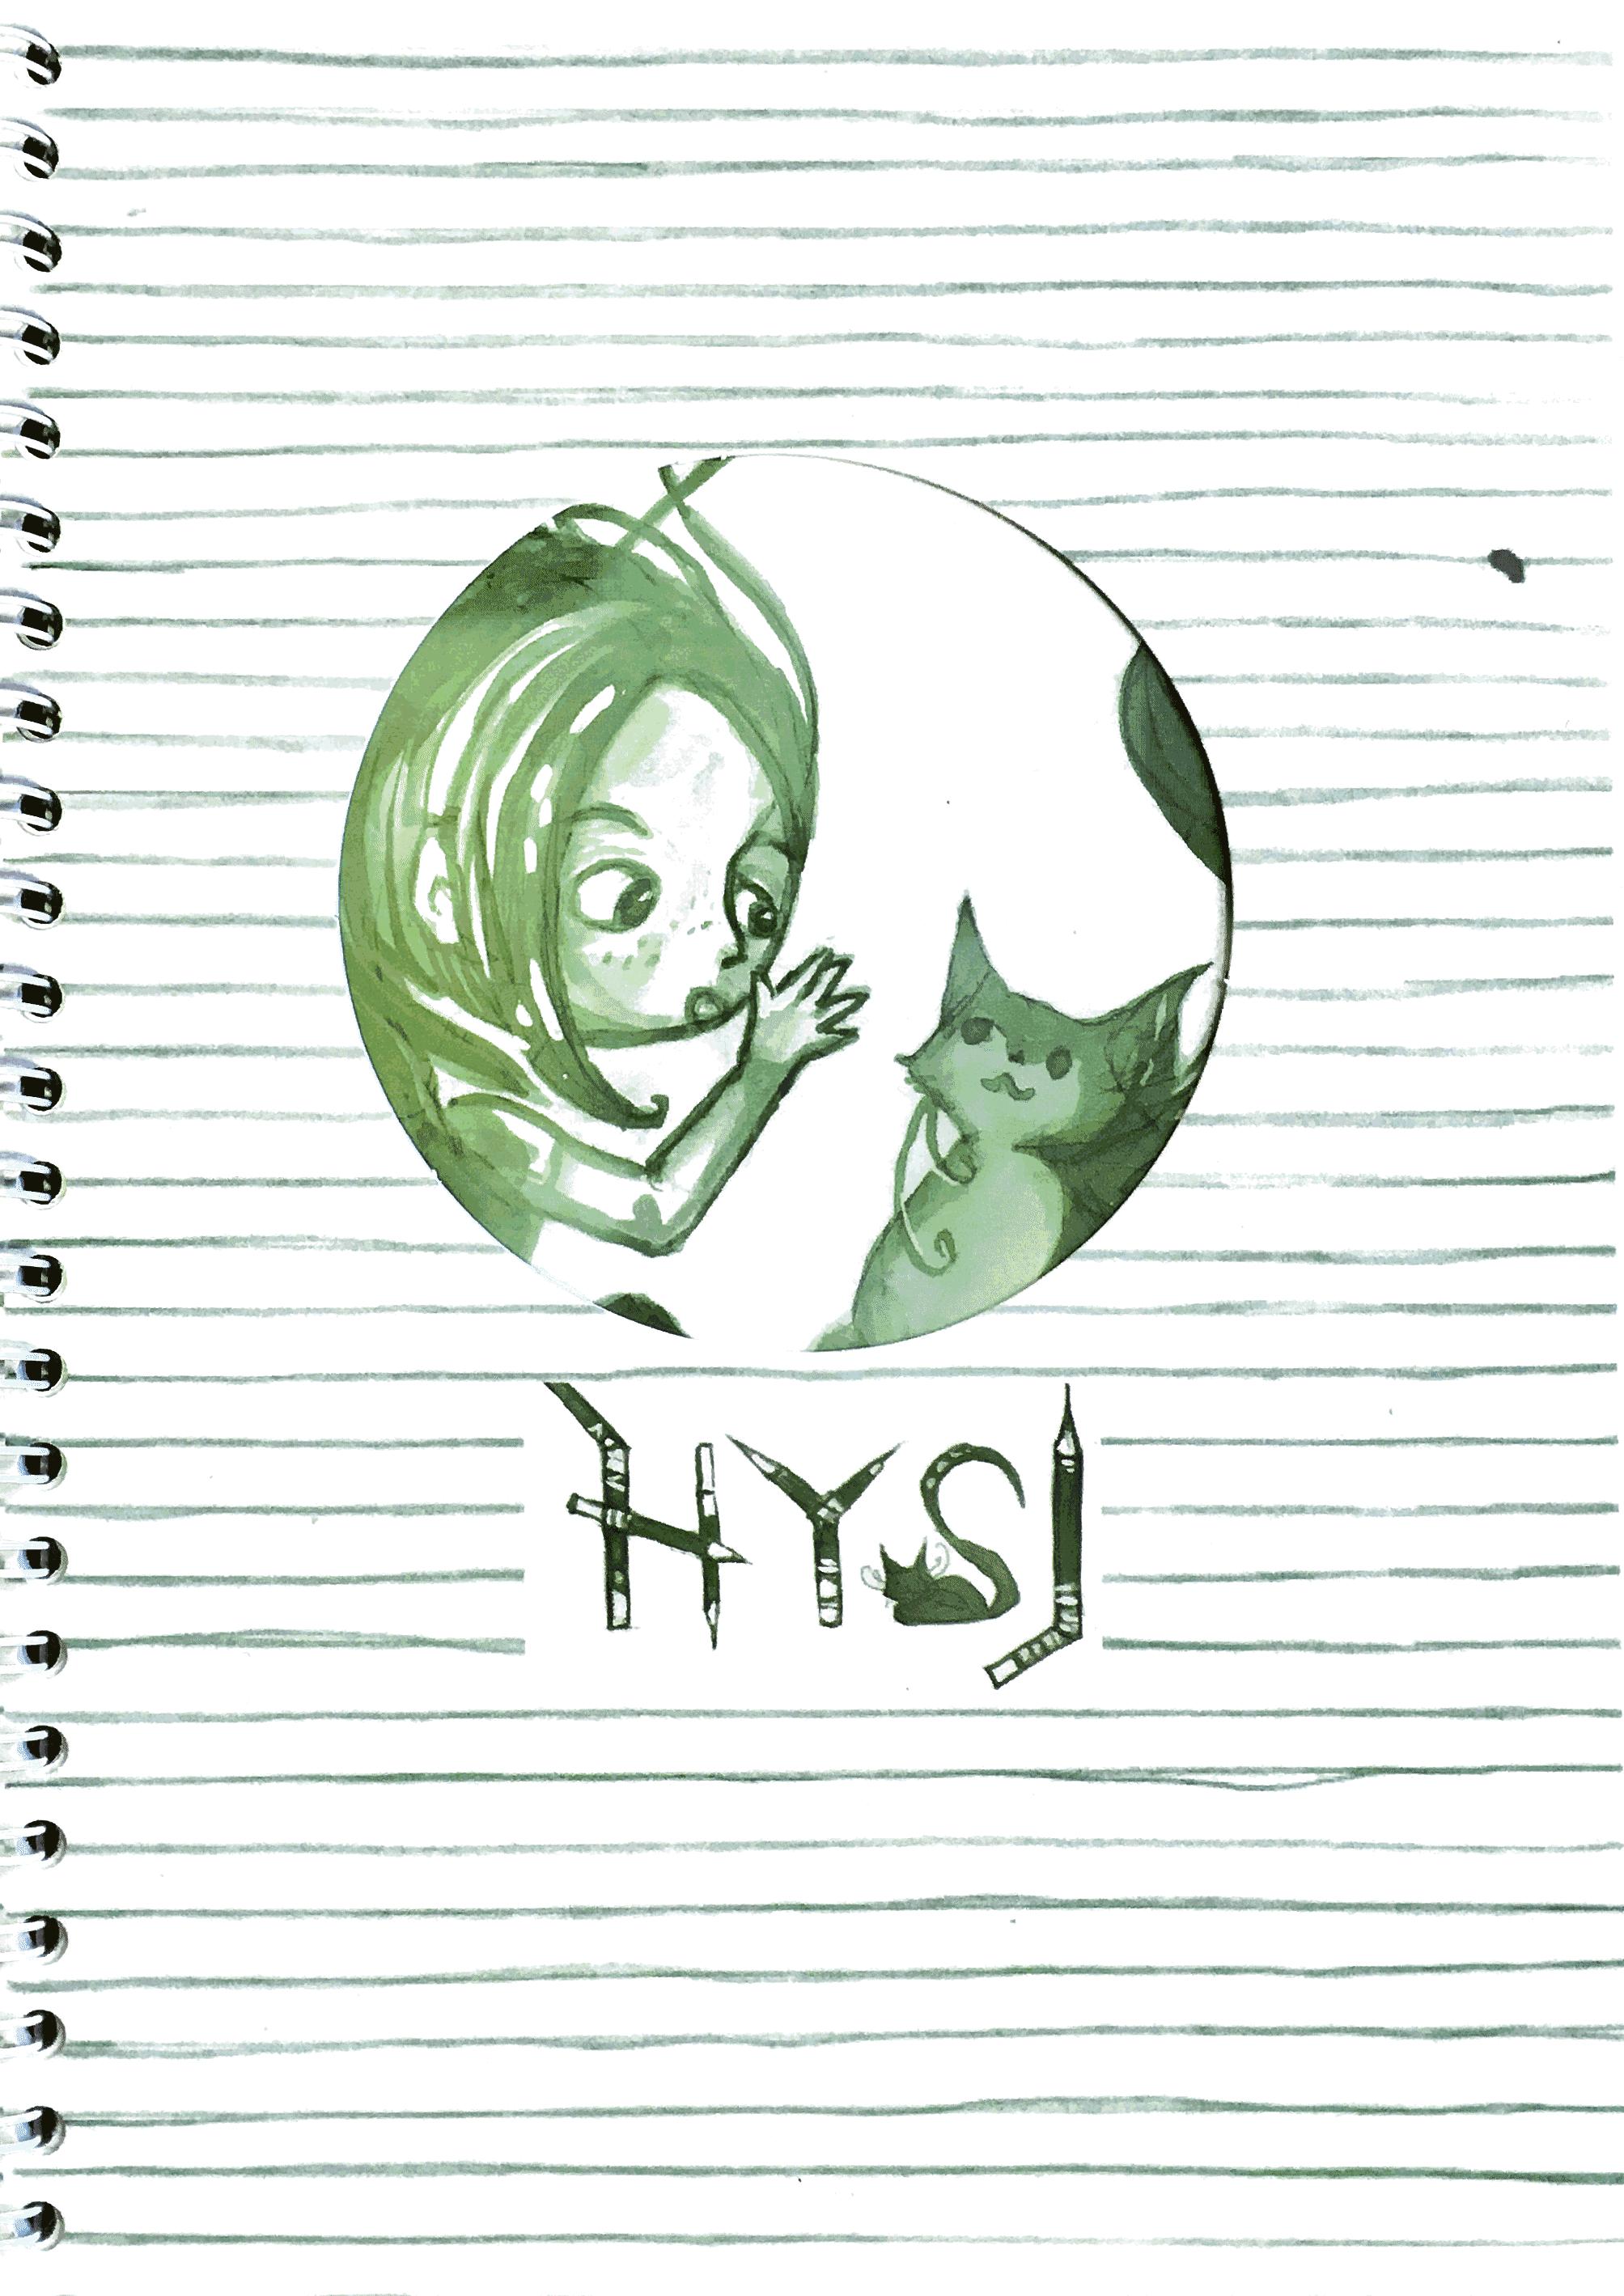 Bilde av omslaget til HYSJ-boka